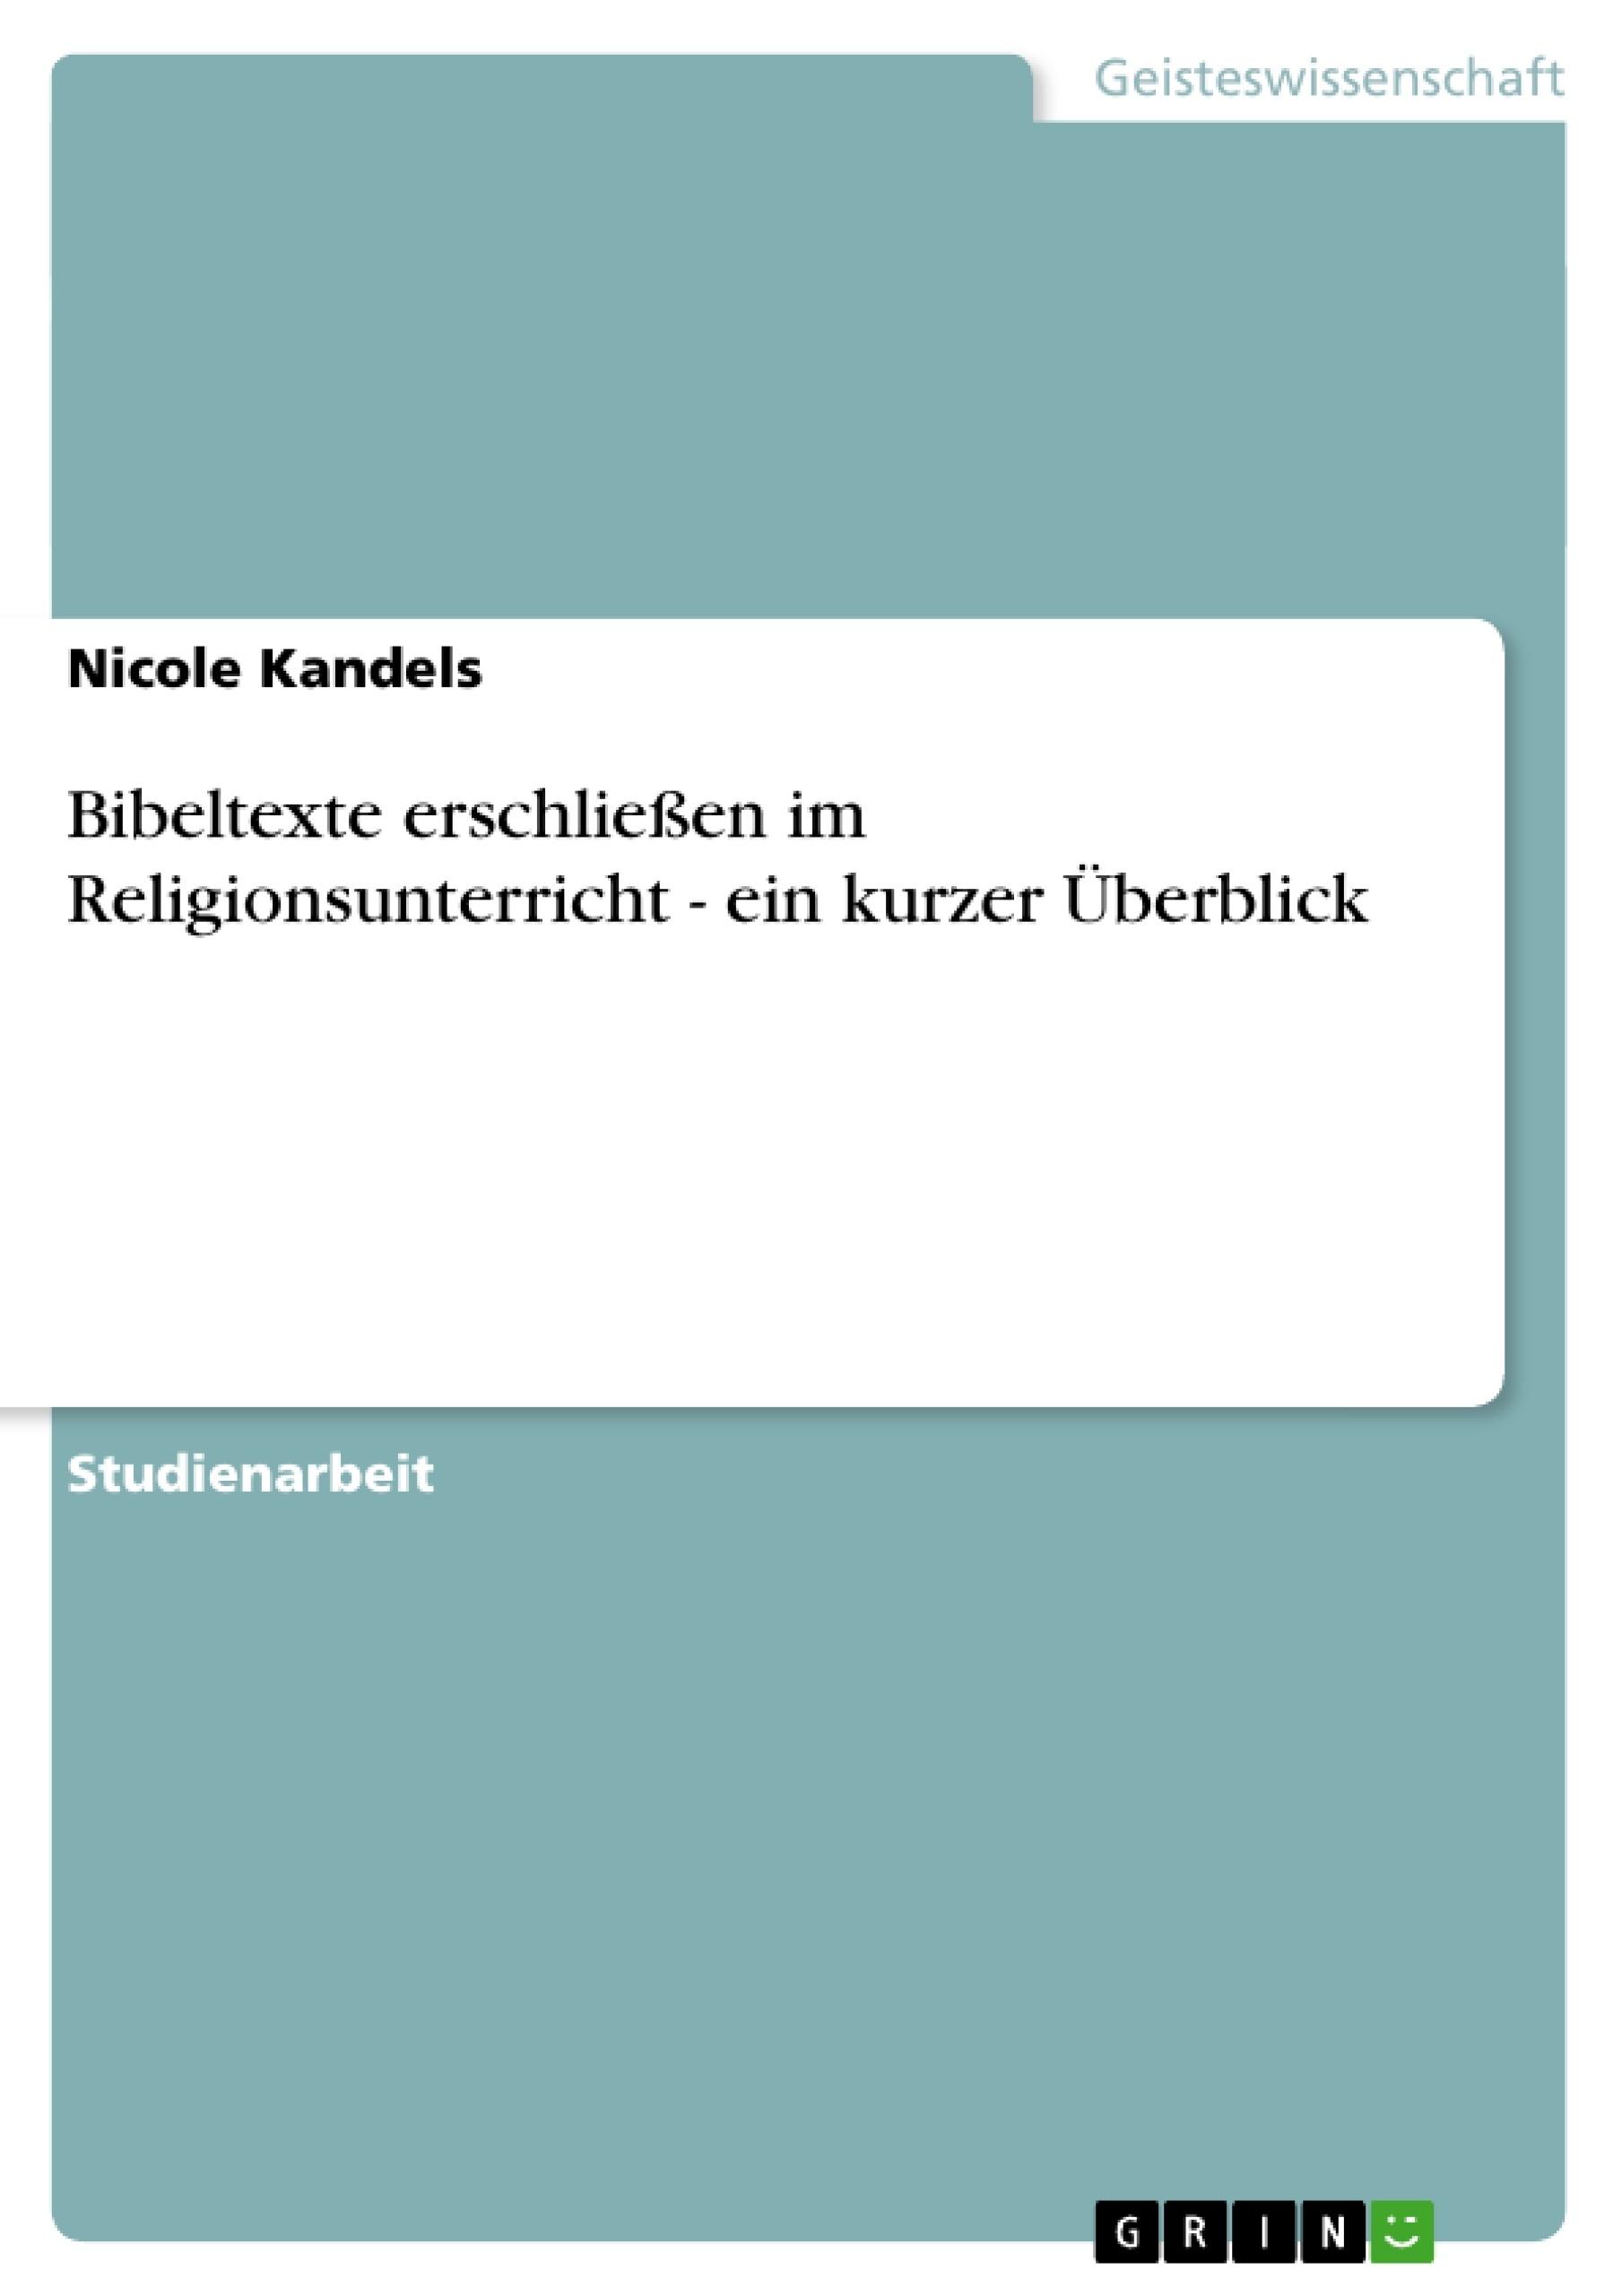 Titel: Bibeltexte erschließen im Religionsunterricht - ein kurzer Überblick